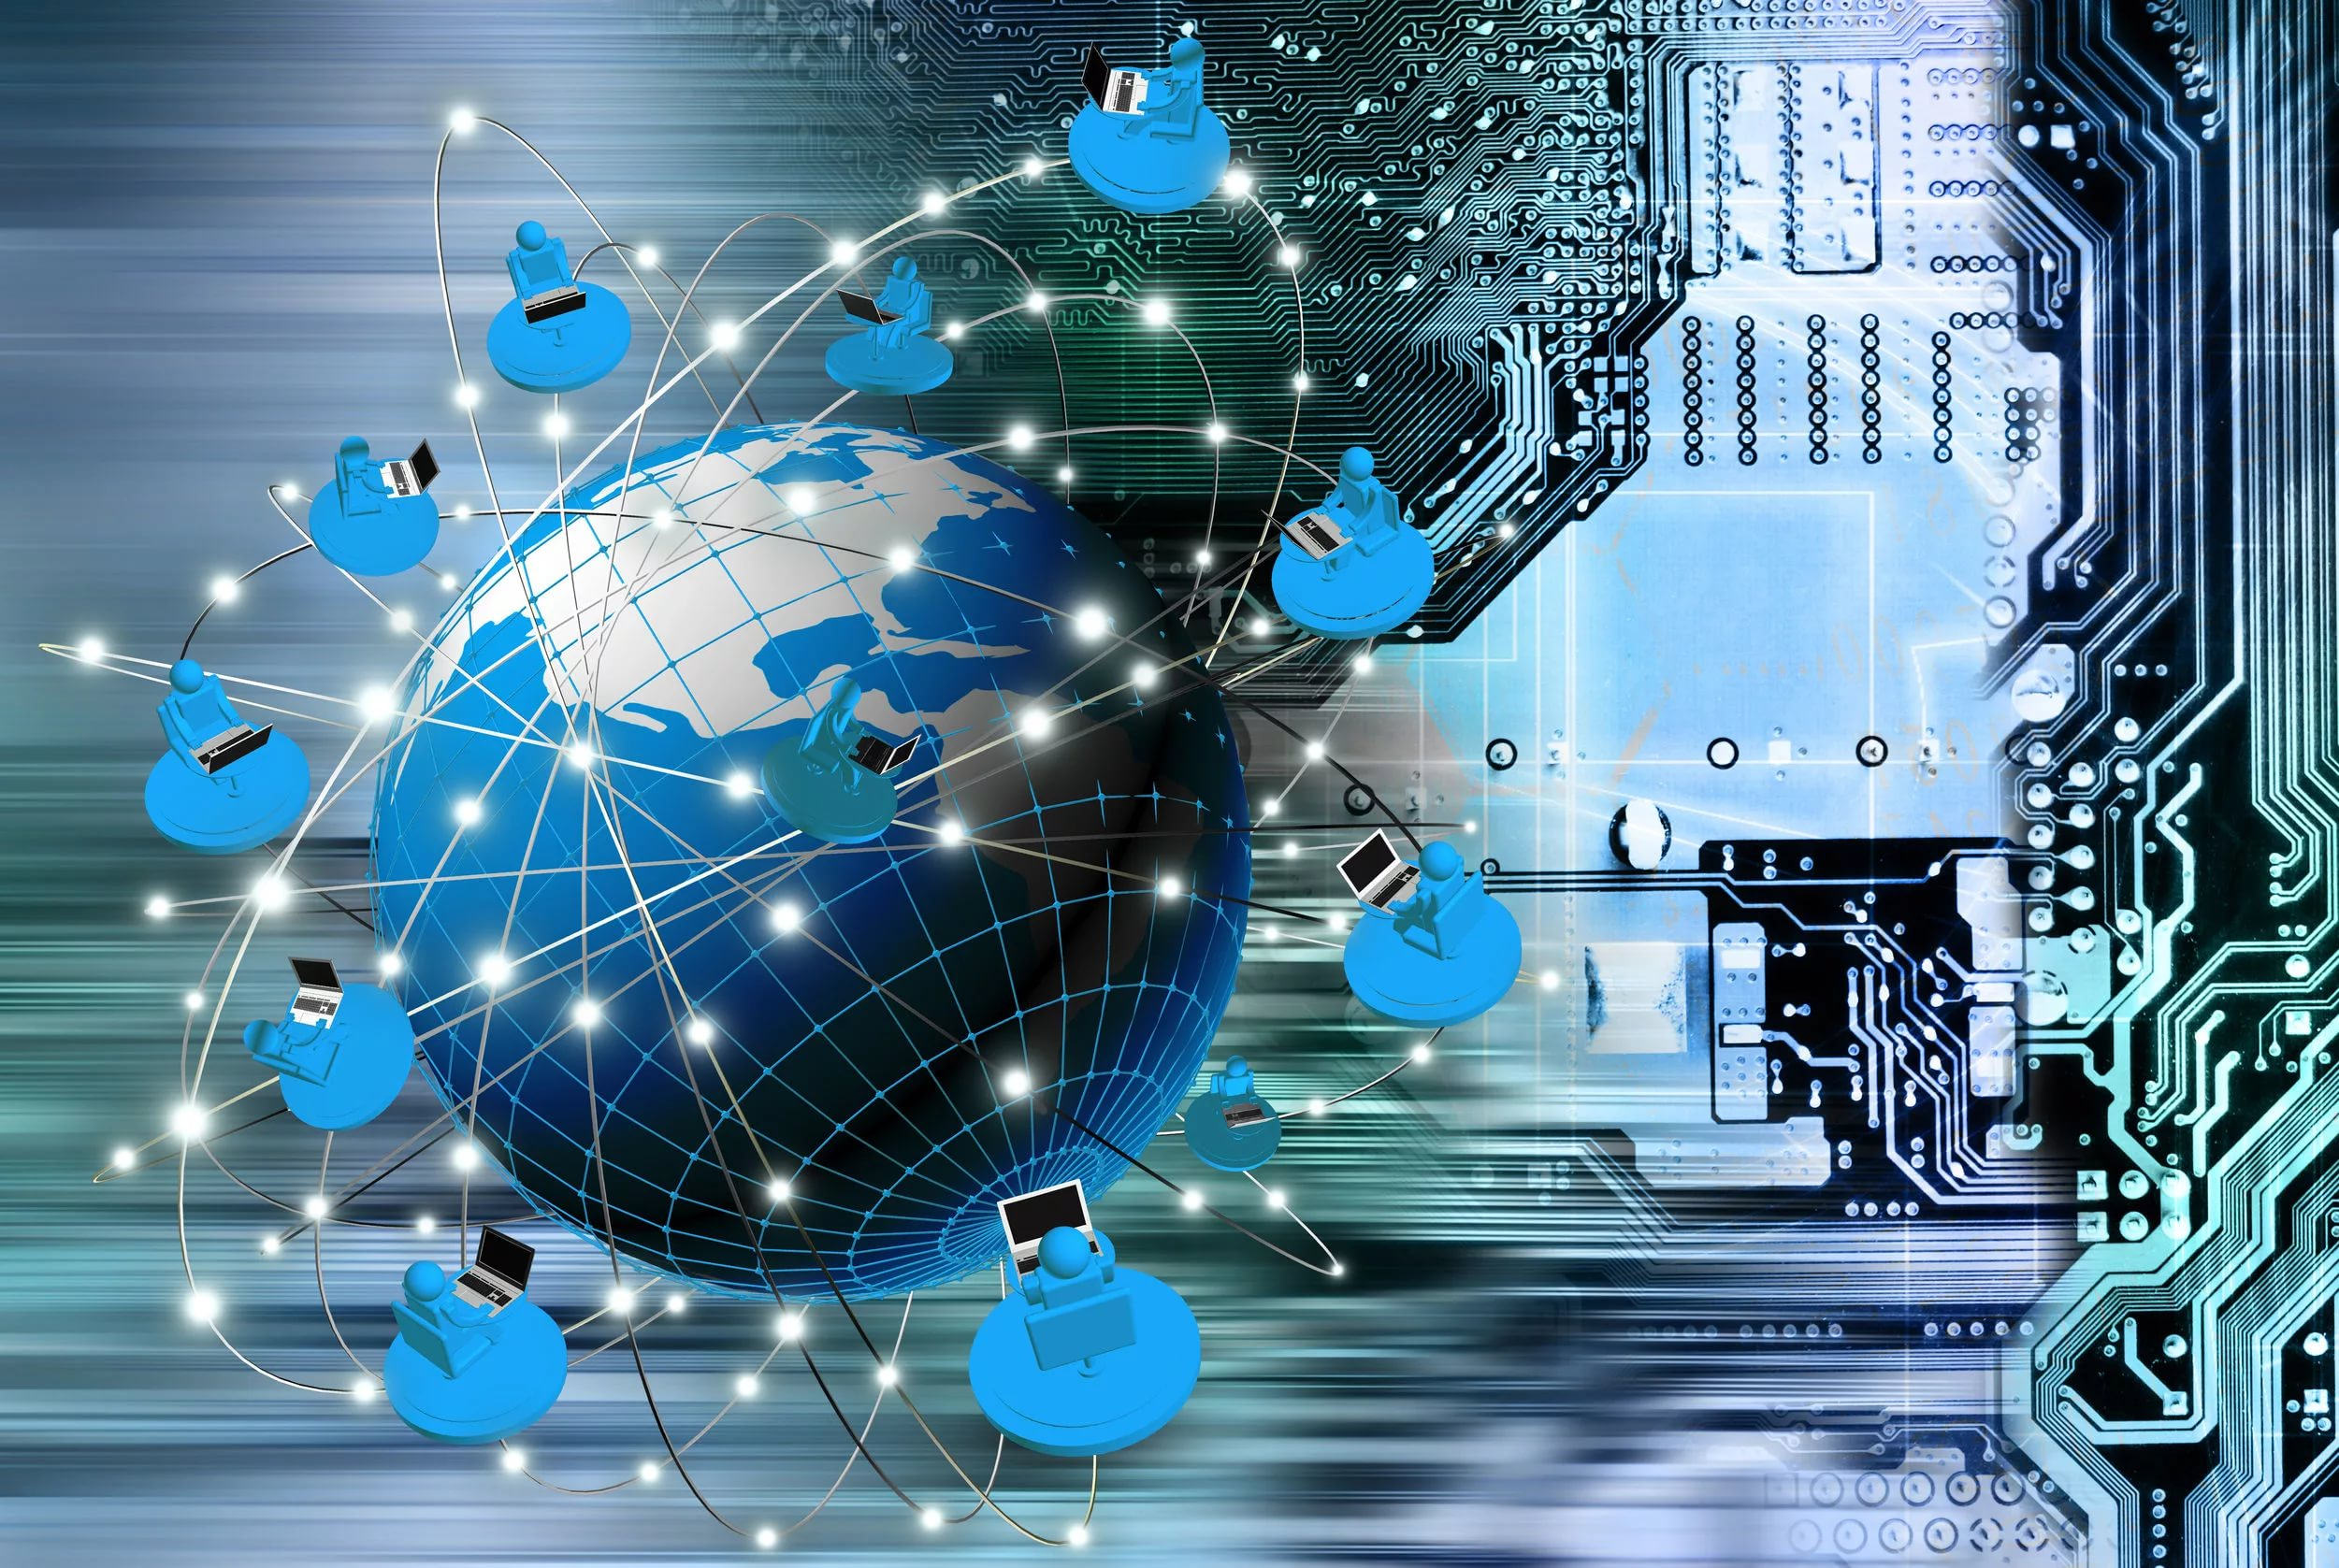 Что такое интернет-технологии и коммуникации